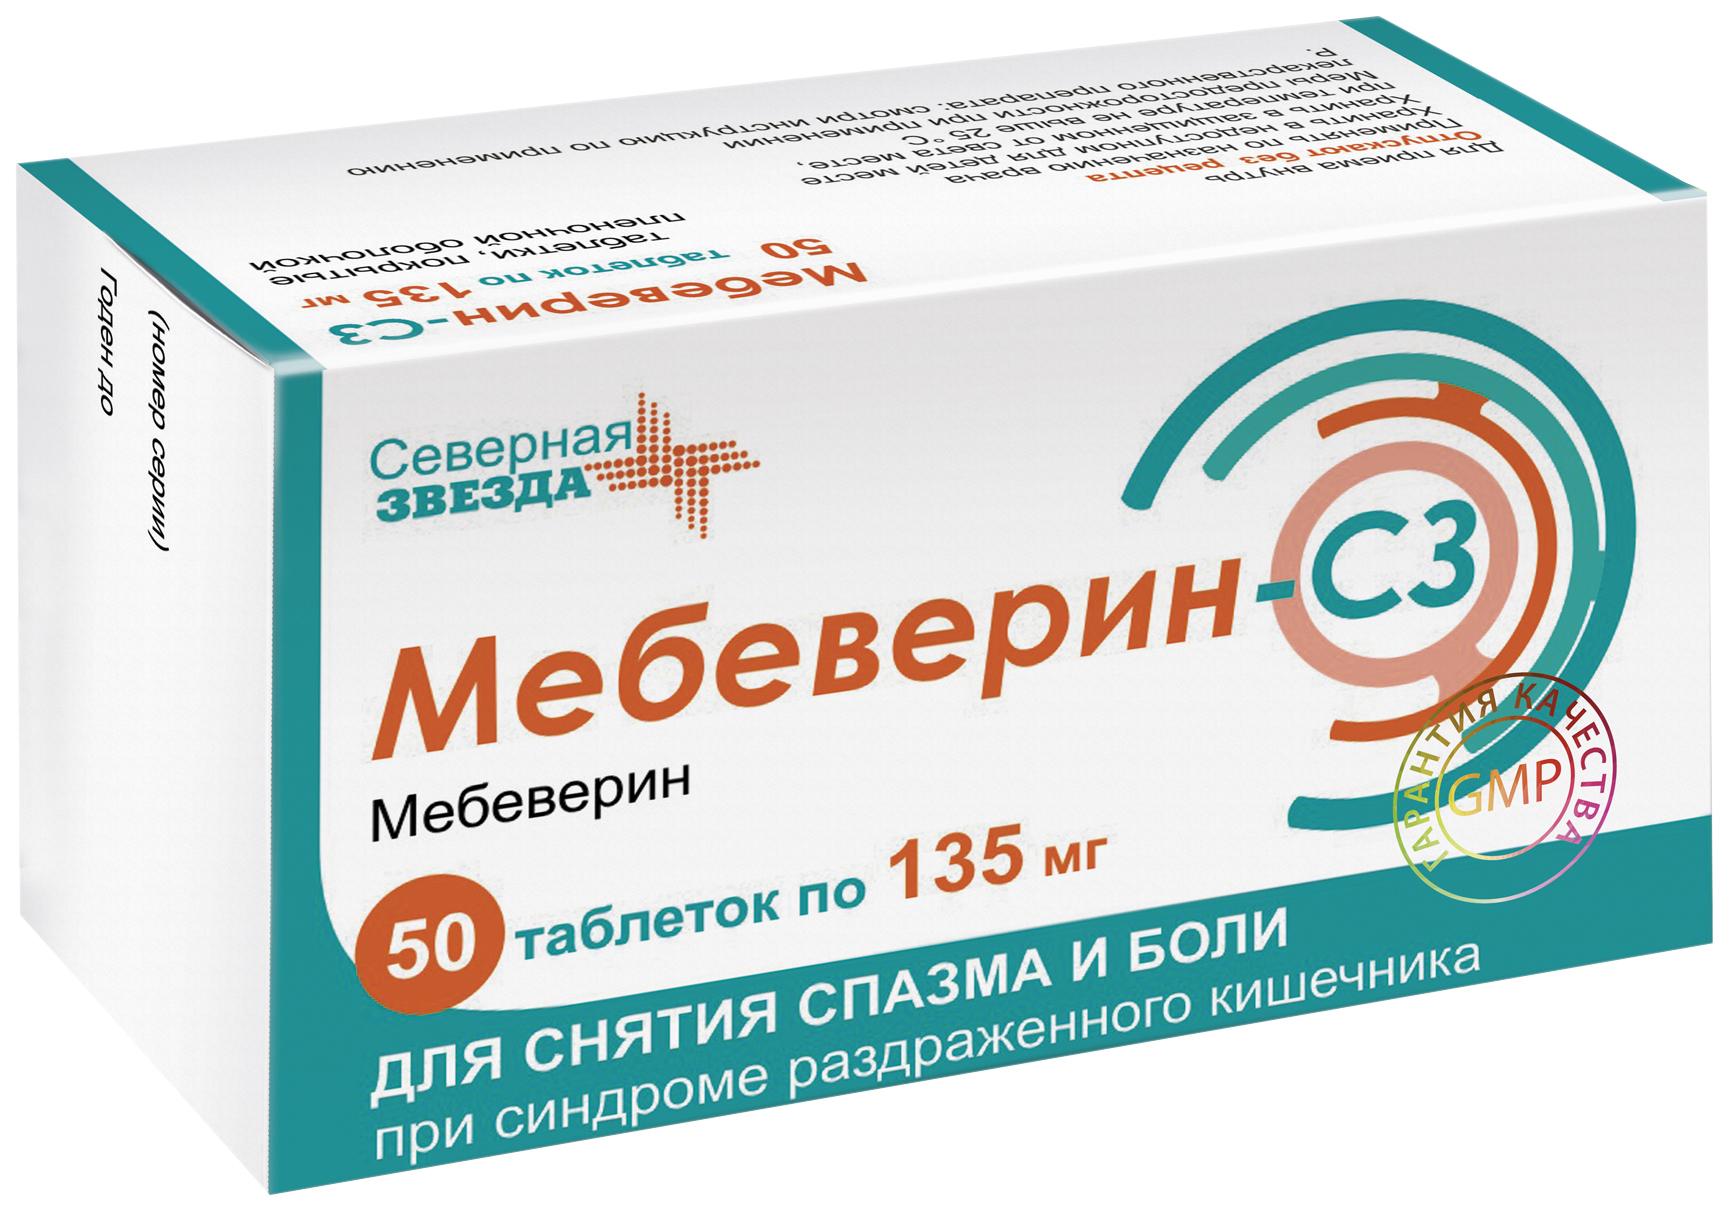 Мебеверин СЗ 135 мг таблетки покрытые пленочной